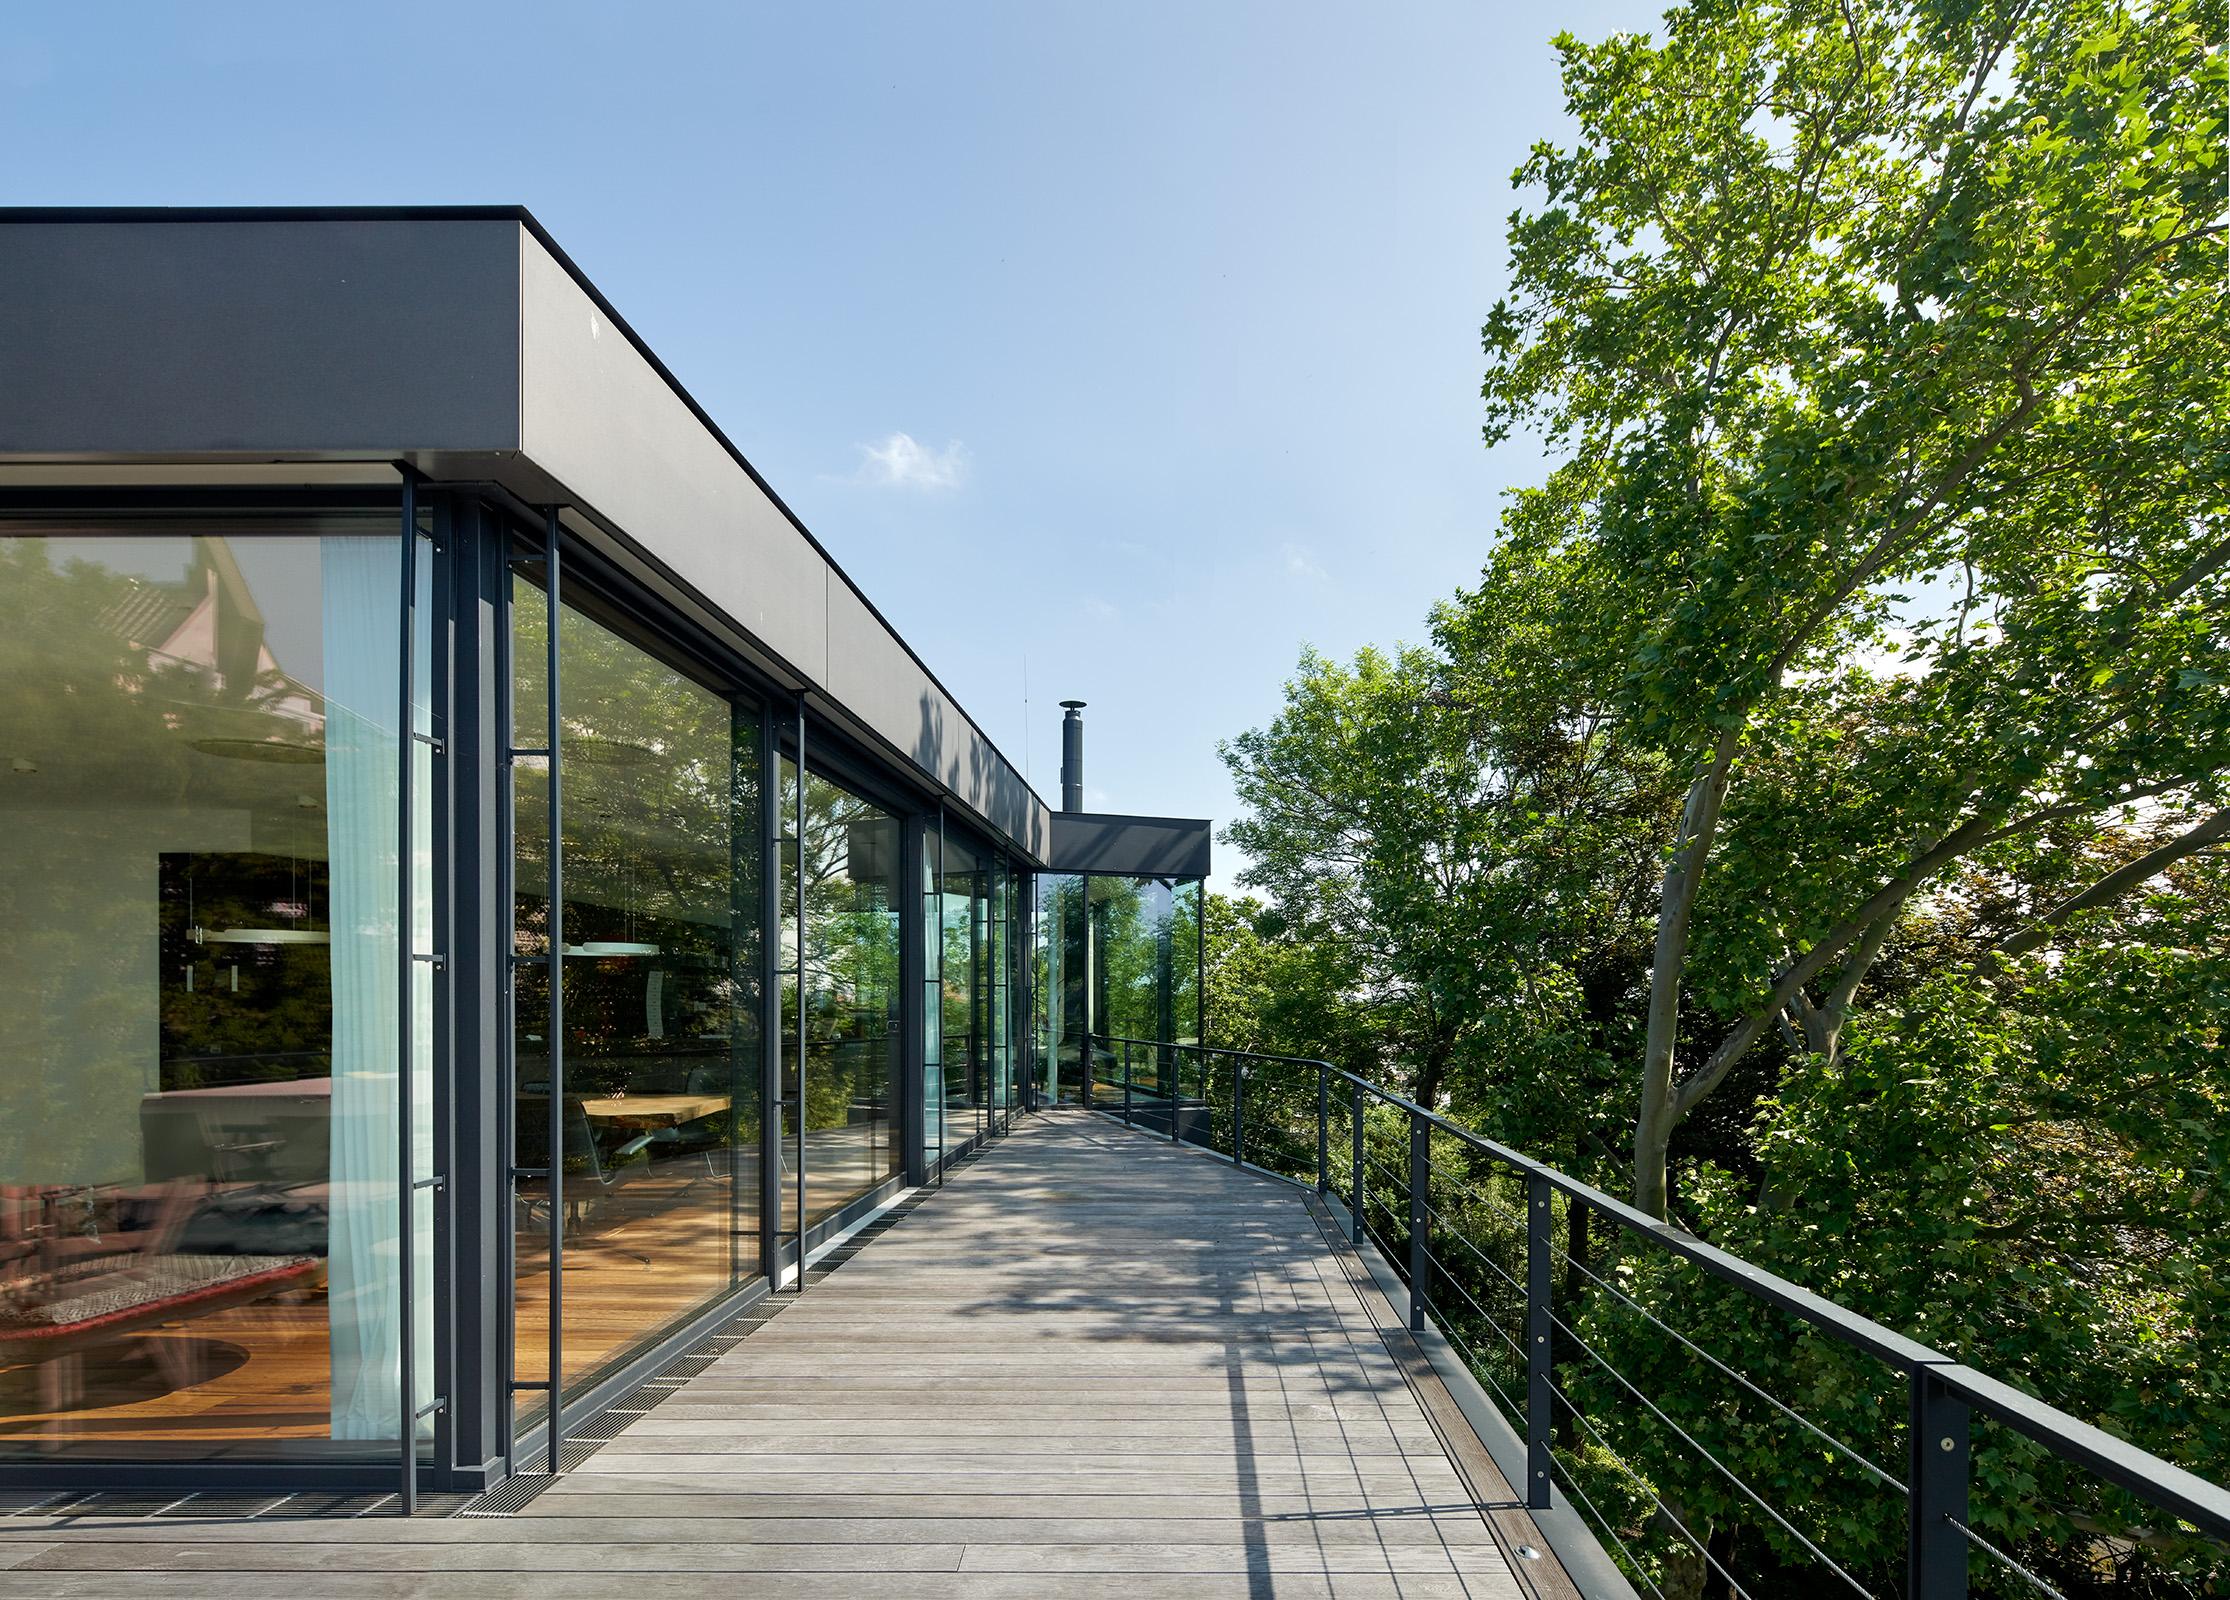 Architektur-Dokumentation des Wohnbaues Haus S in Erfurt // hks architekten, Erfurt